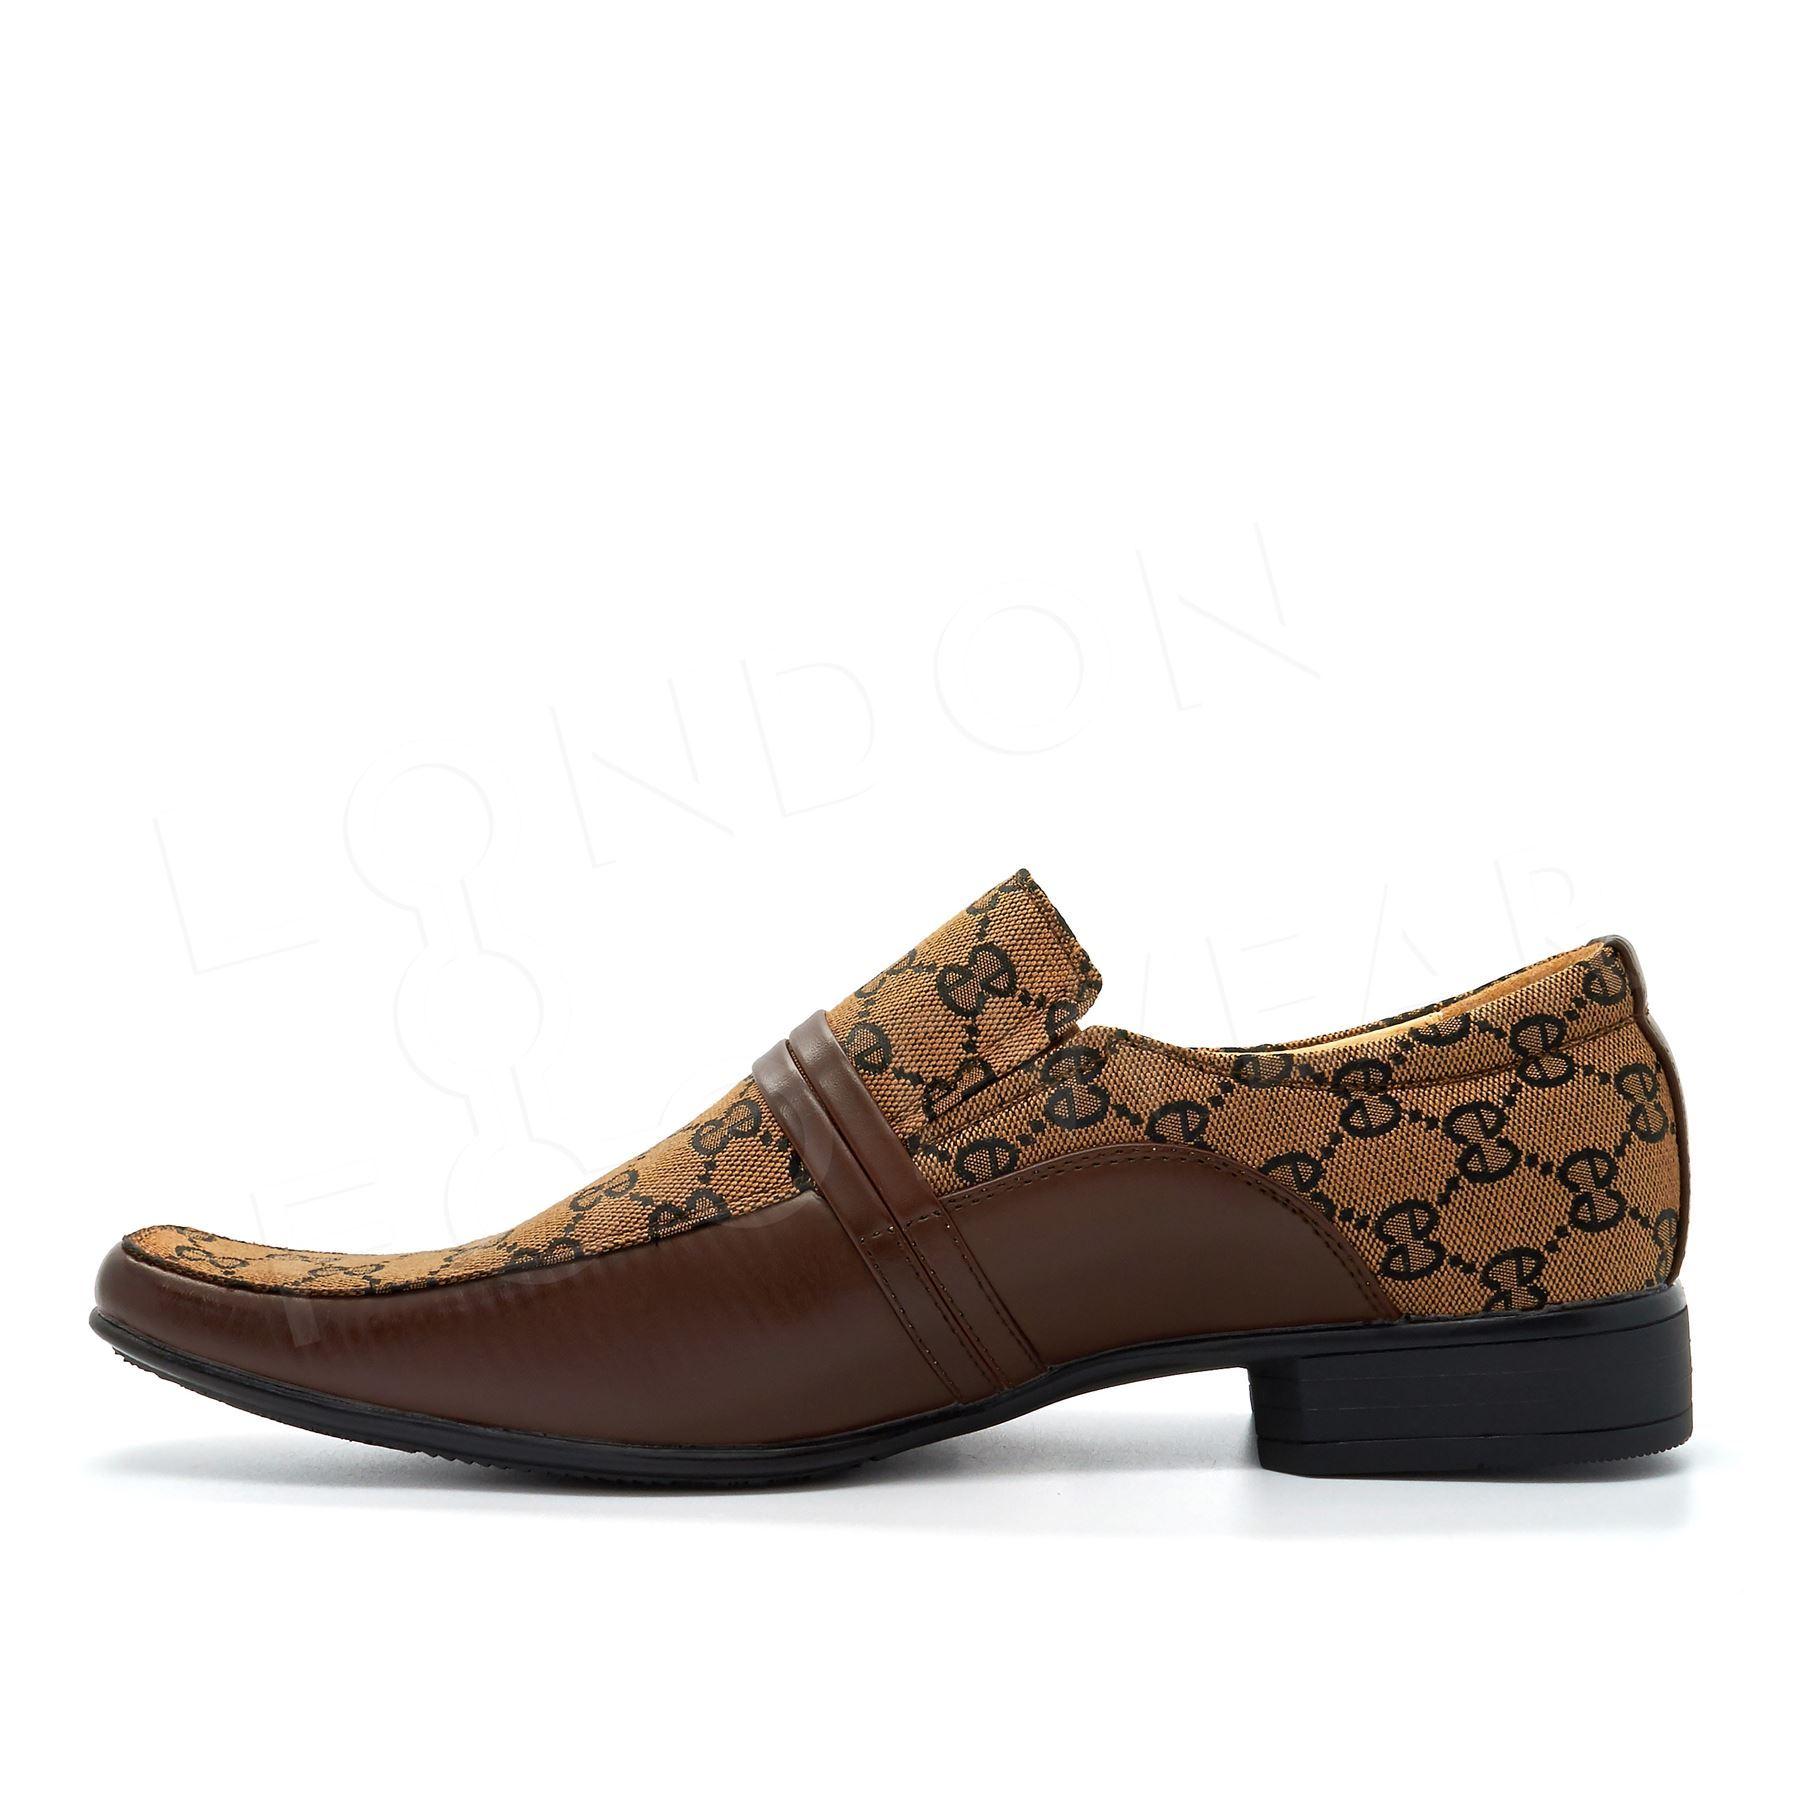 Nuevos Zapatos Negro para Hombre Italiano Inteligentes Fiesta Boda Vestido Formal imitación de cuero 6-11